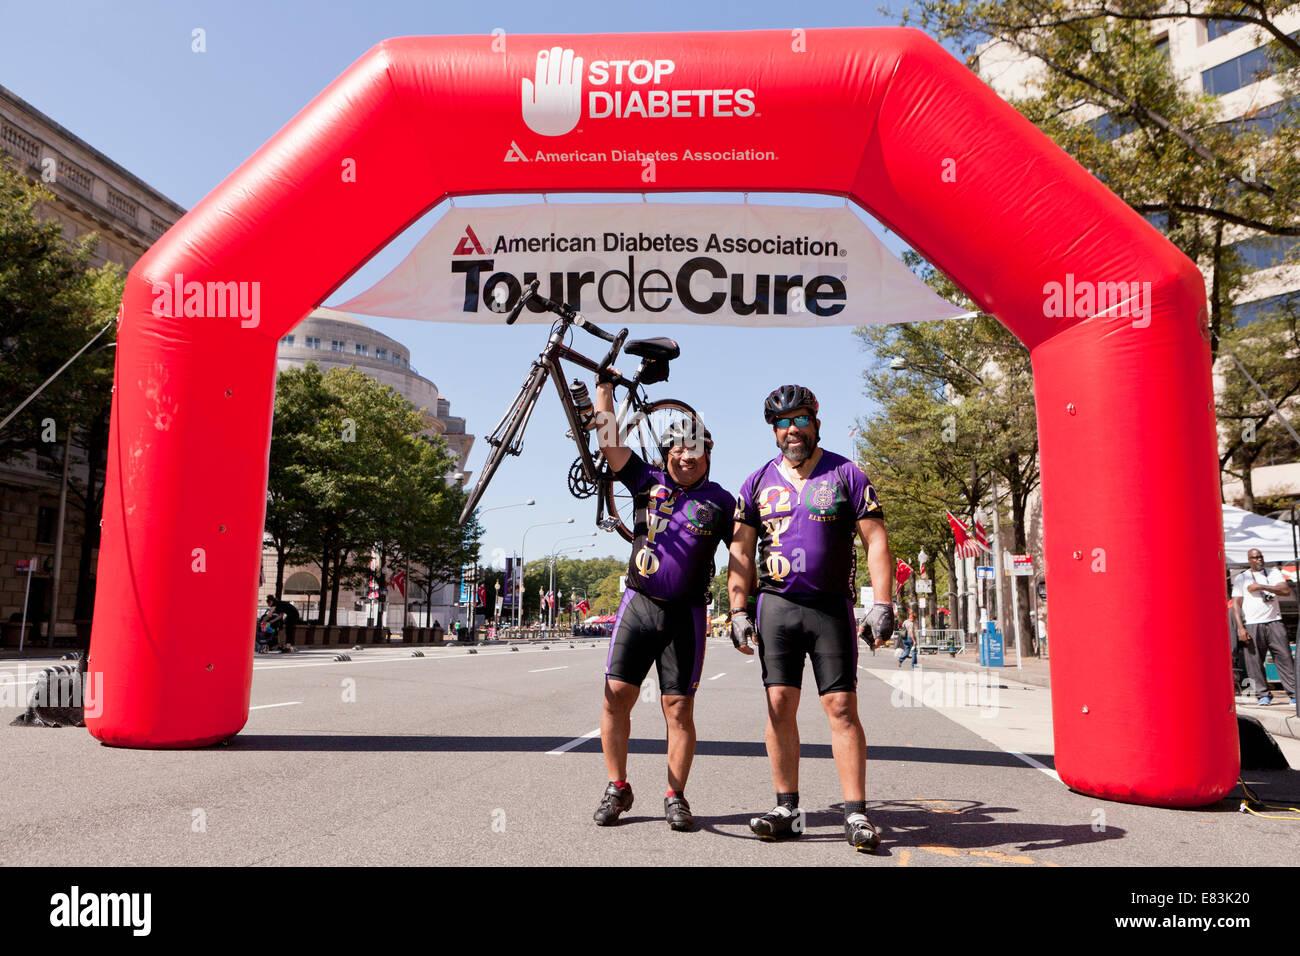 Gli uomini celebrando al traguardo del Tour de curare, American Diabetes Association in bicicletta - Washington Immagini Stock